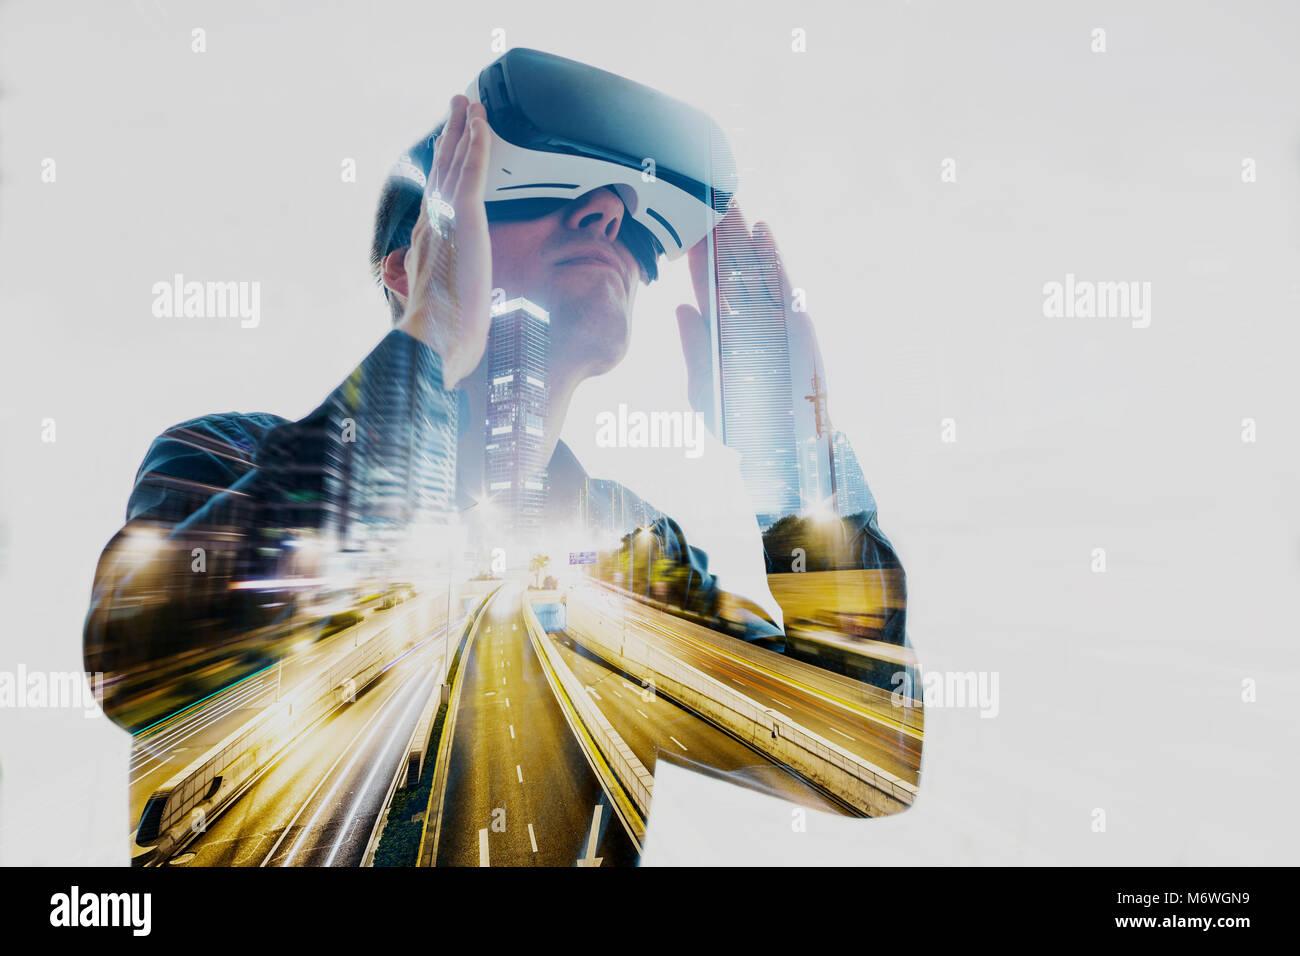 L'uomo con bicchieri di realtà virtuale. La tecnologia del futuro concetto. Moderna tecnologia di imaging Immagini Stock